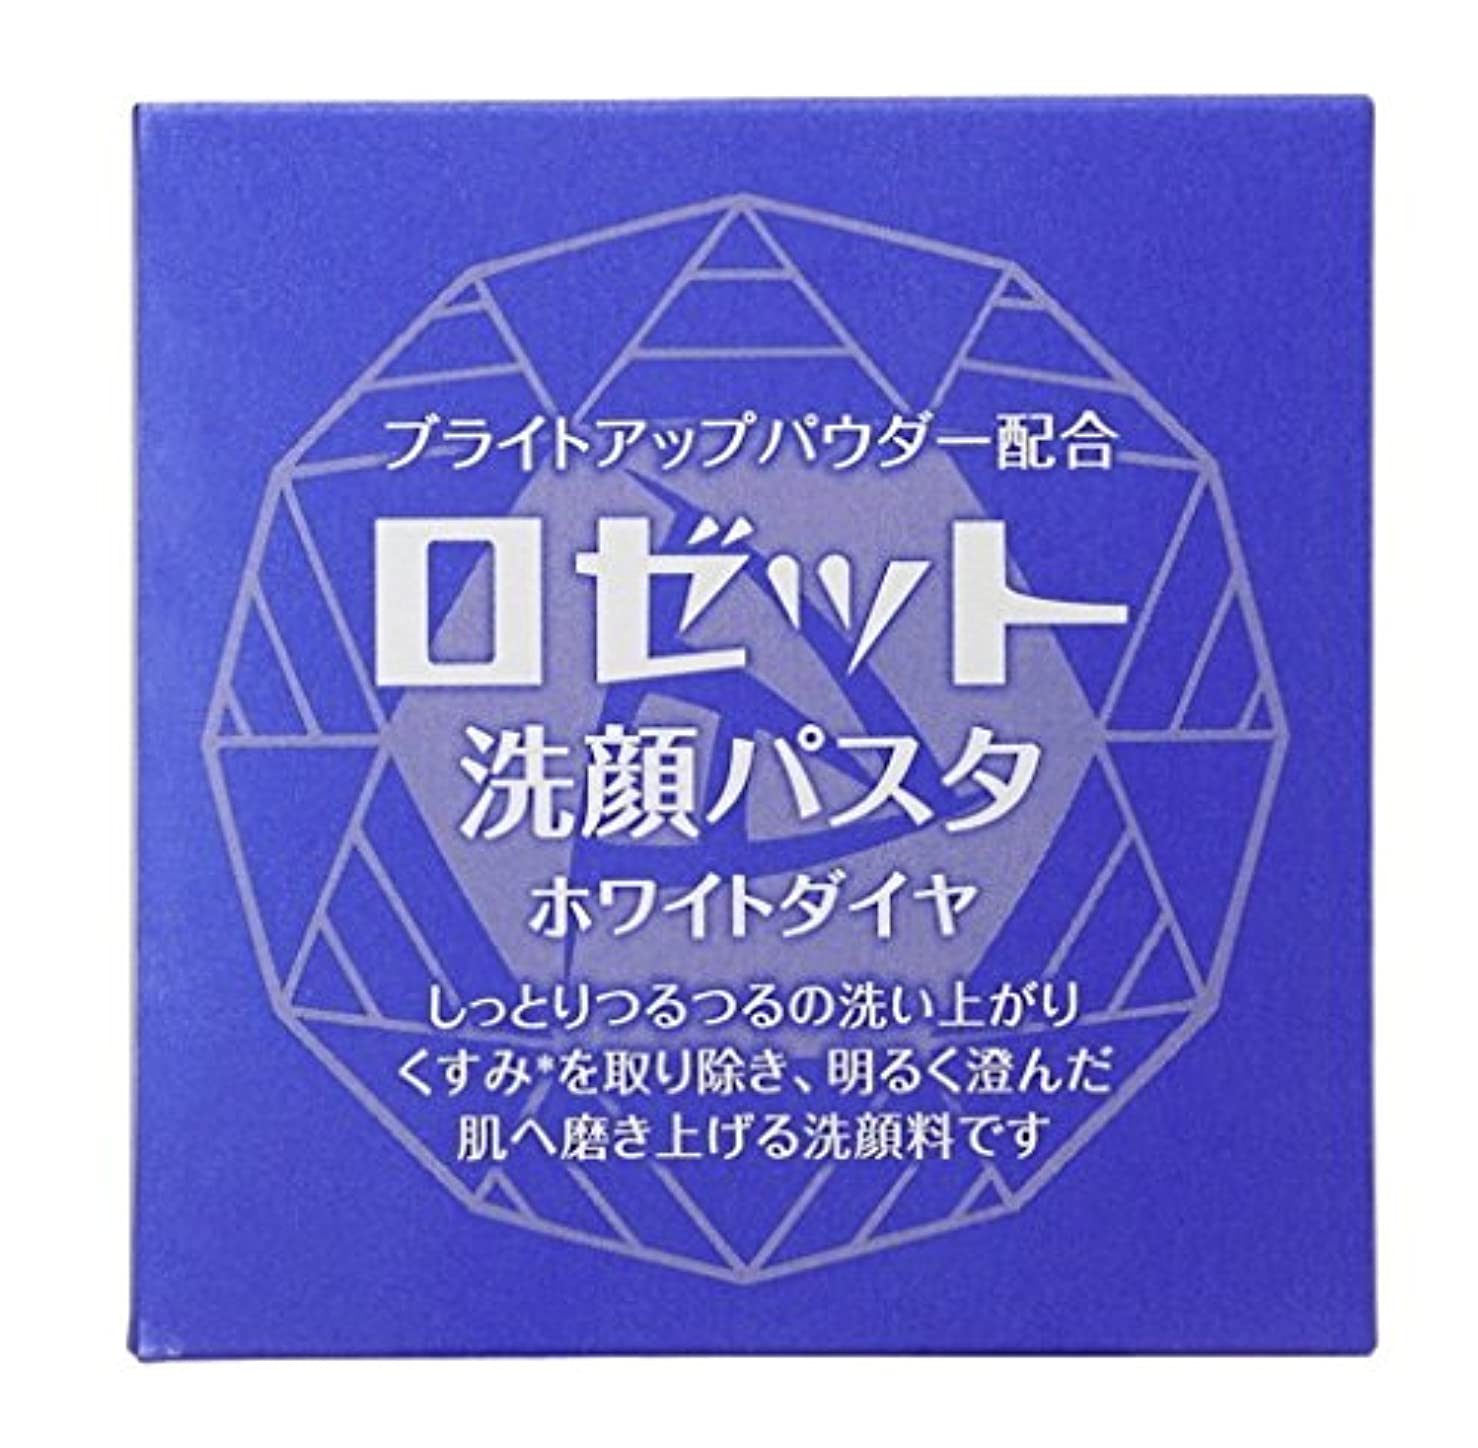 長椅子感覚ピッチロゼット洗顔パスタ ホワイトダイヤ × 72個セット